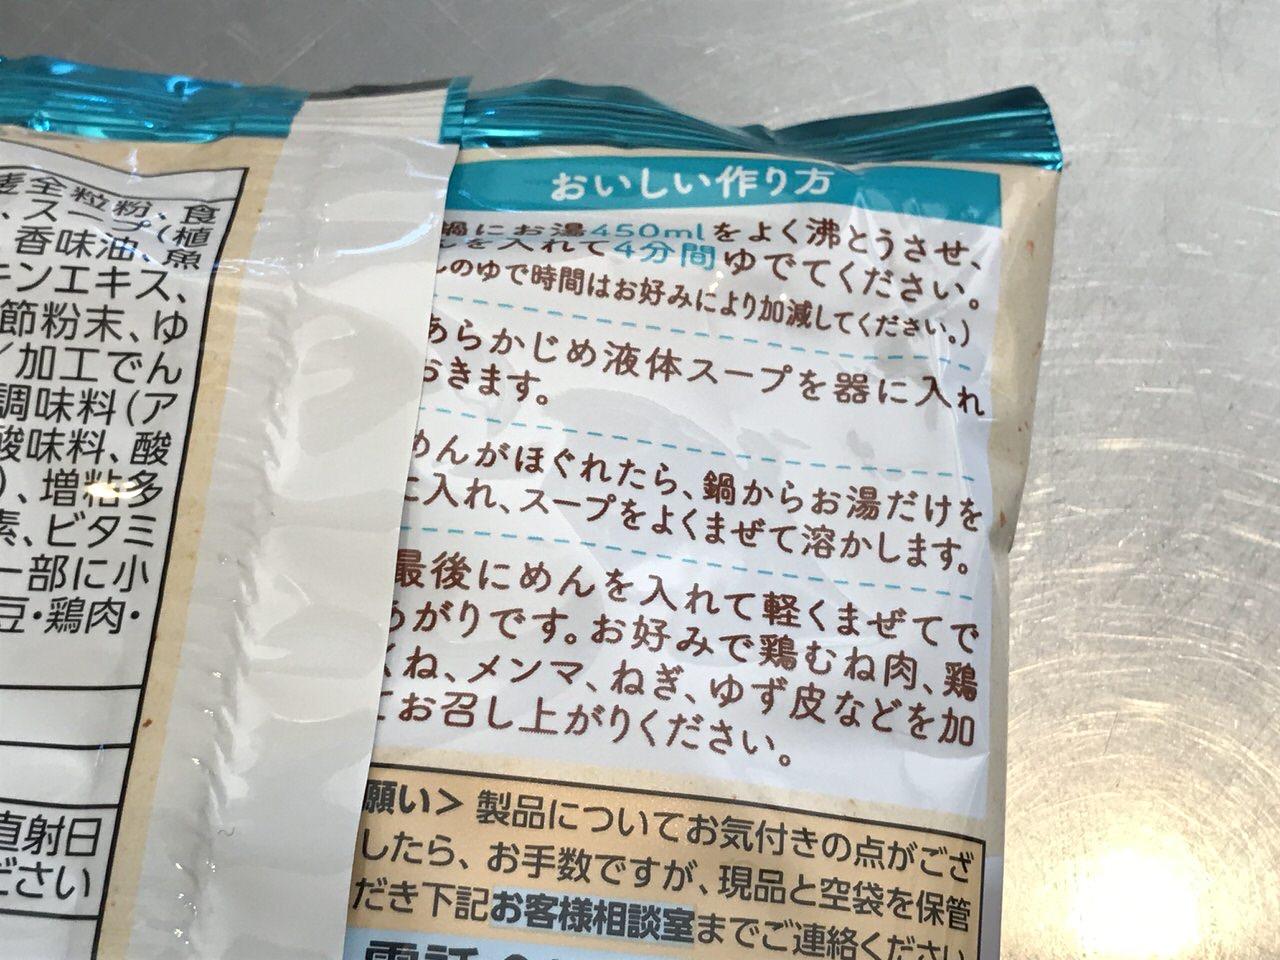 日清ラ王 柚子しお 感想 1